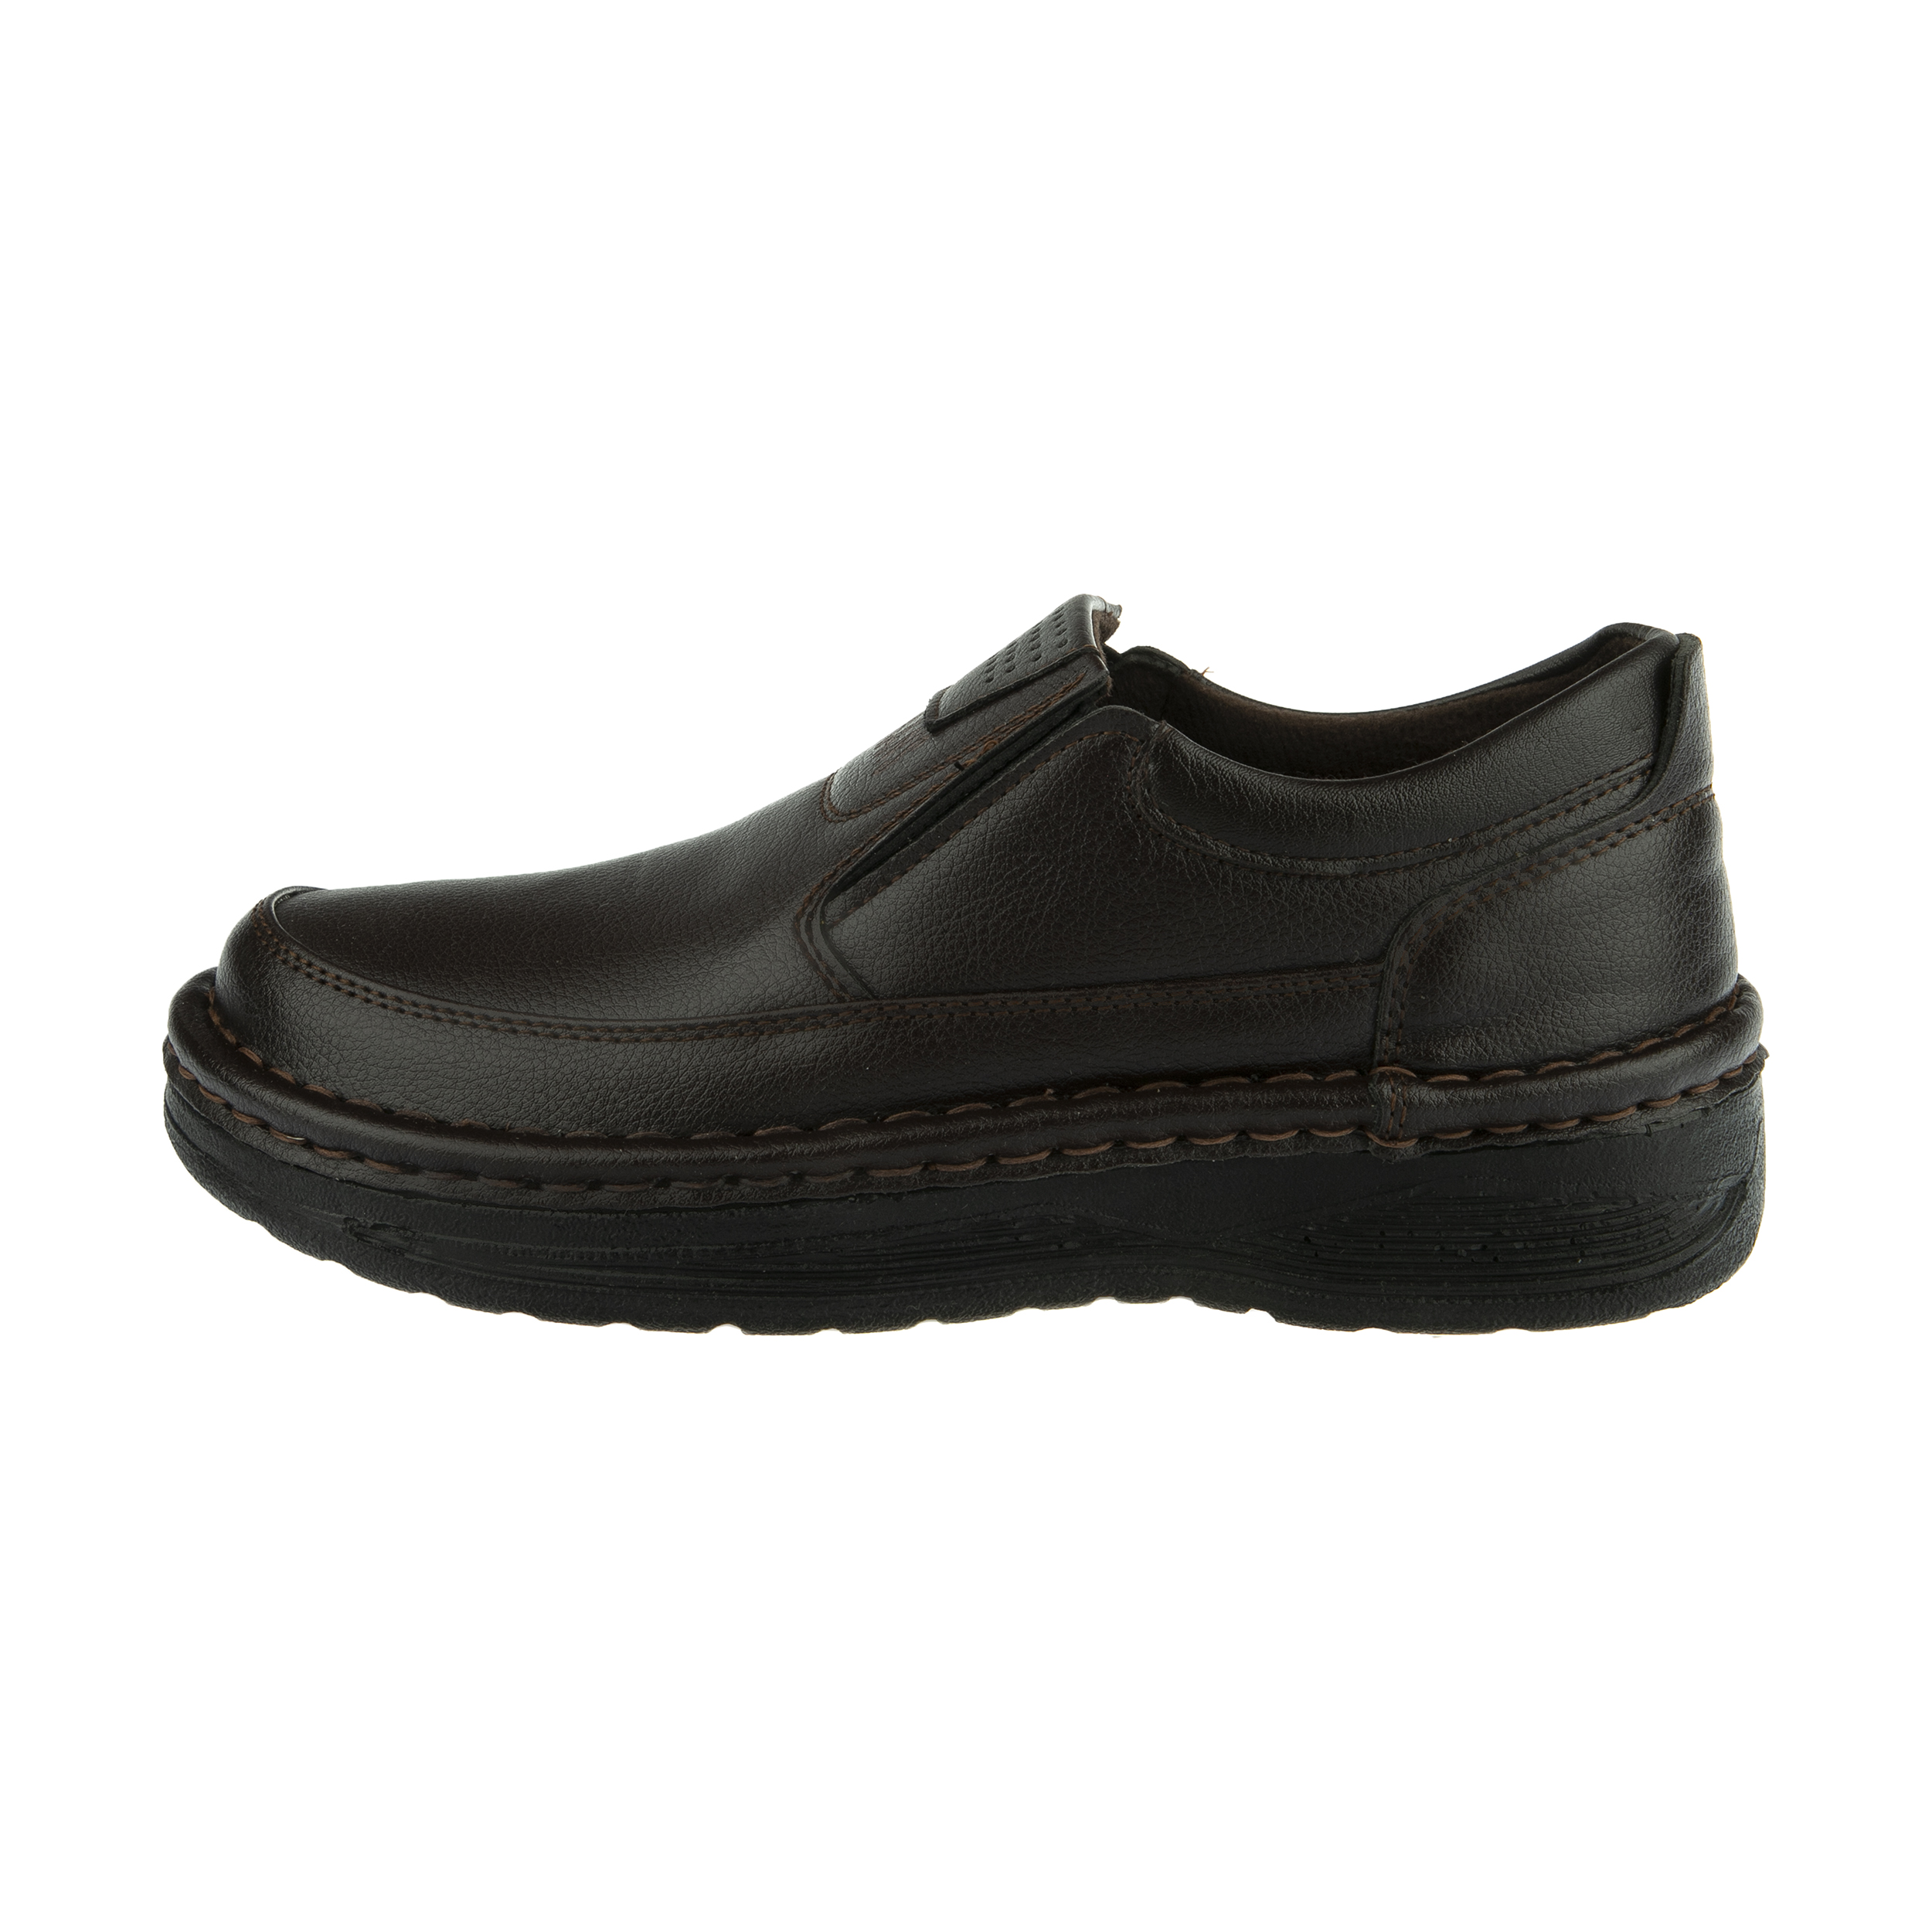 کفش روزمره مردانه اسپرت من مدل 40030-11